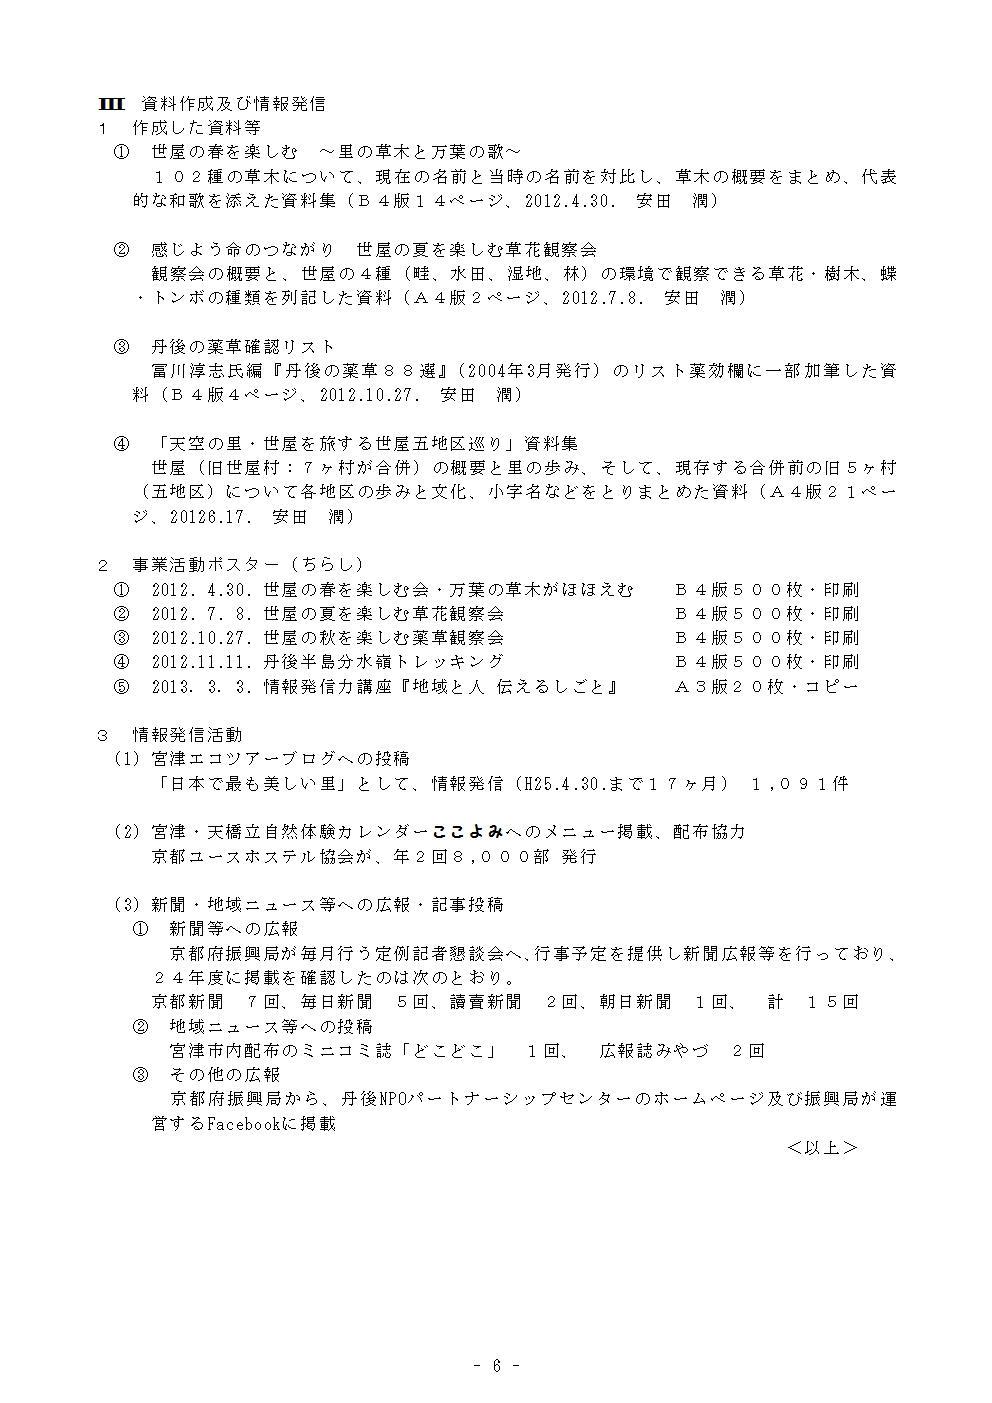 24活動報告p6